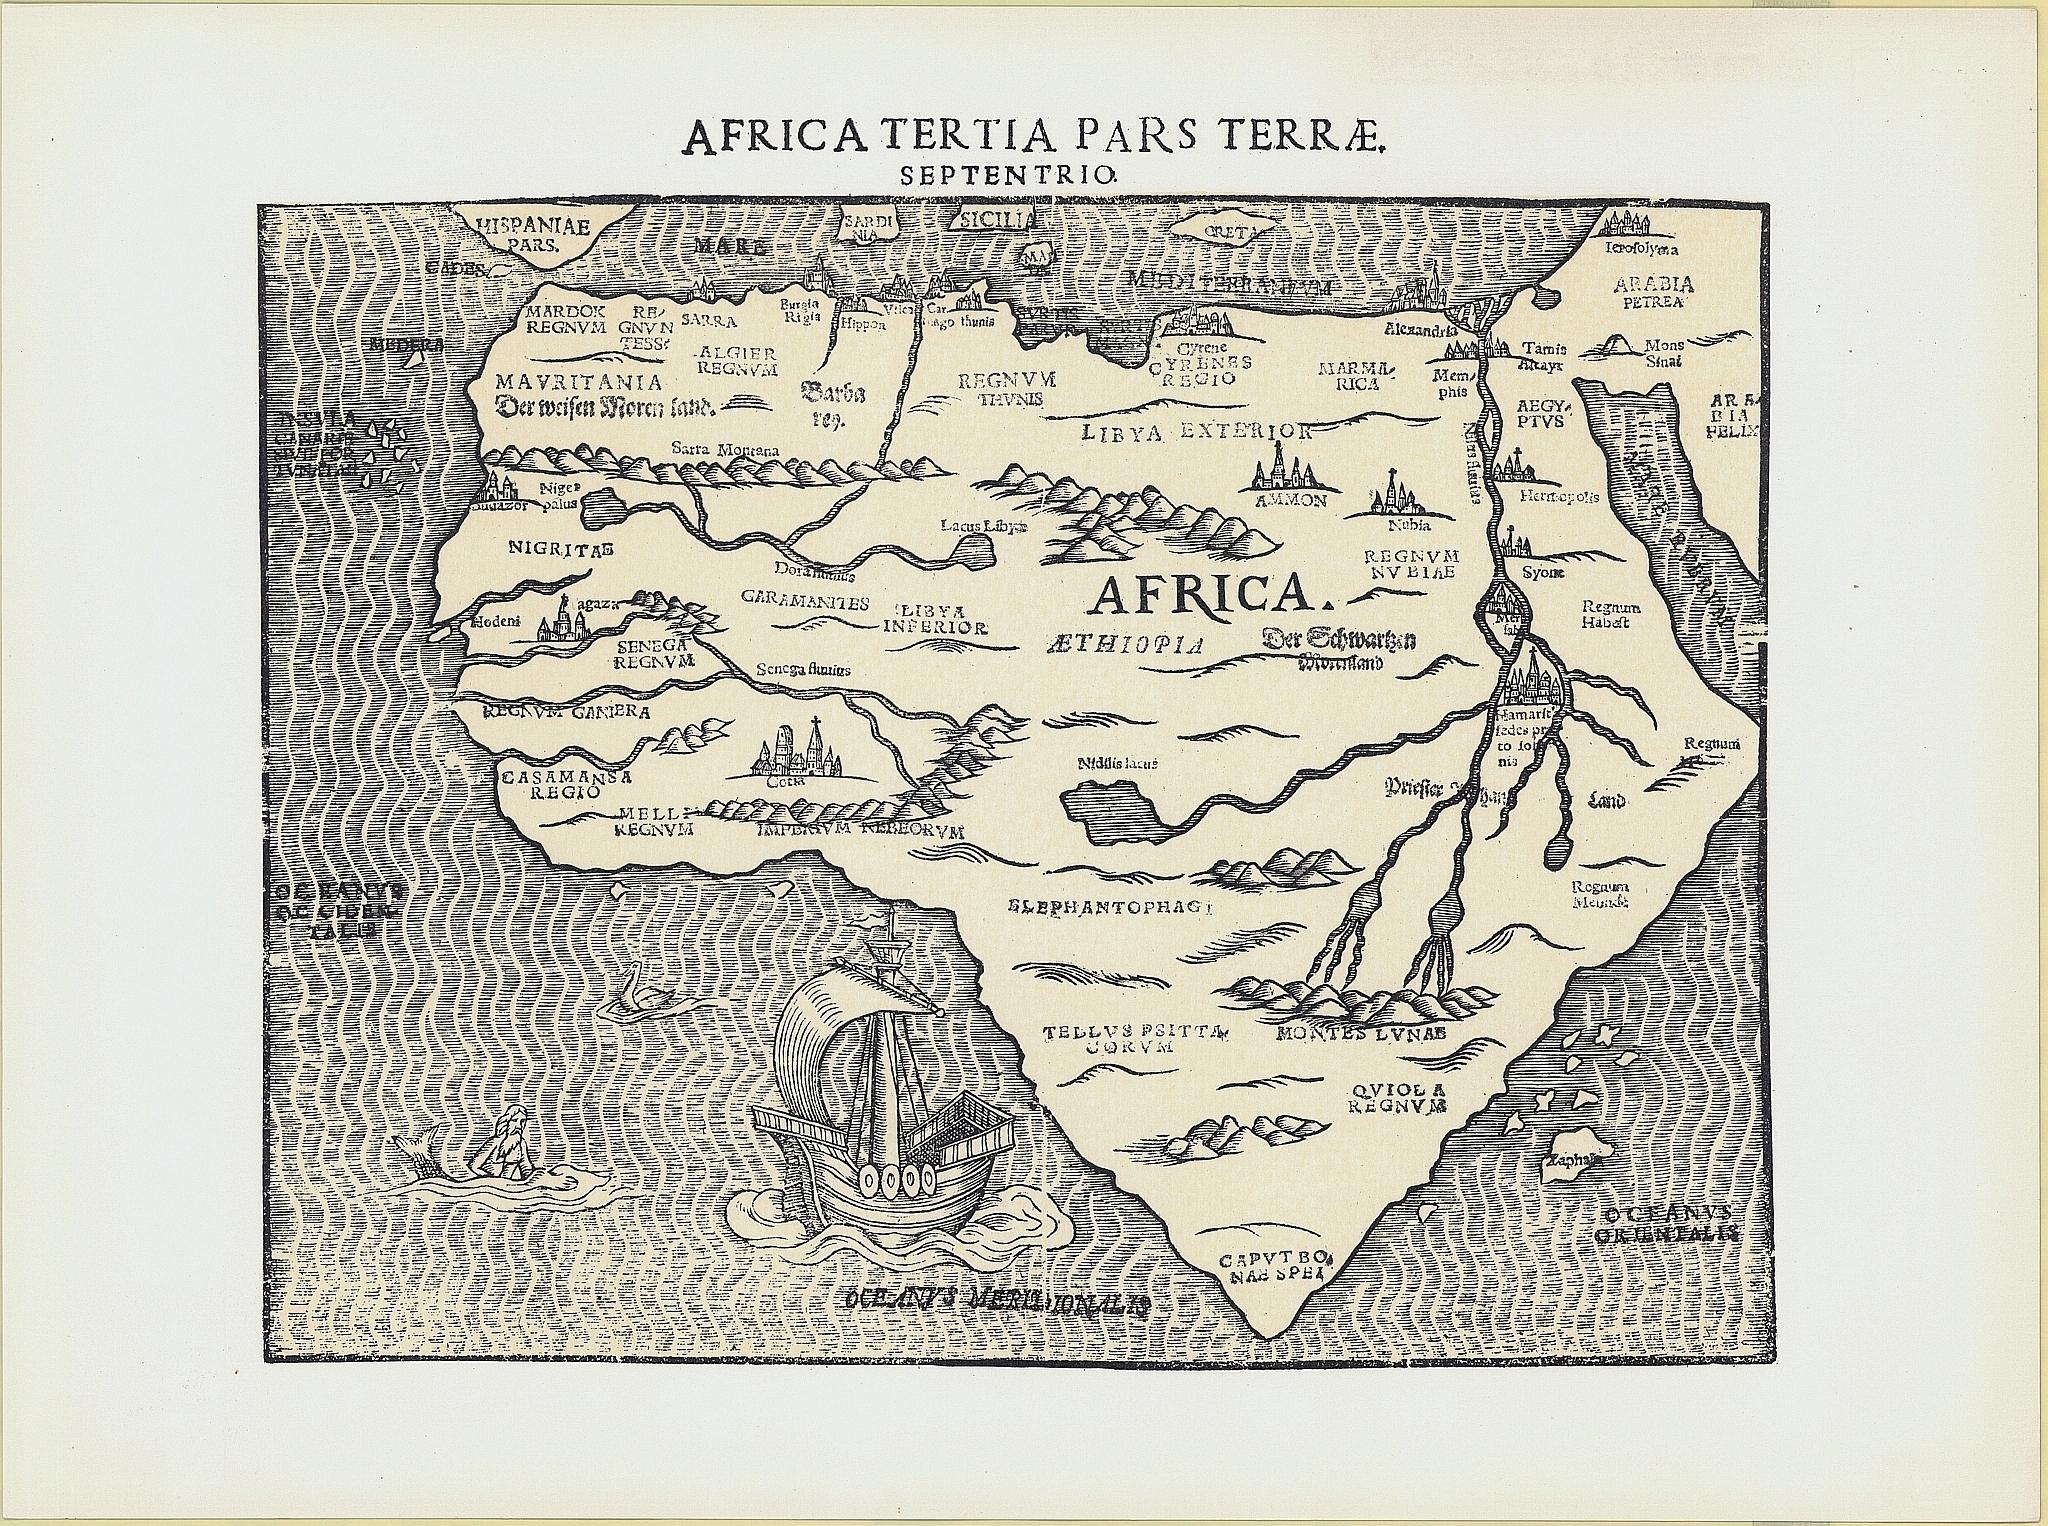 Mappa dell'Africa nel 16° secolo